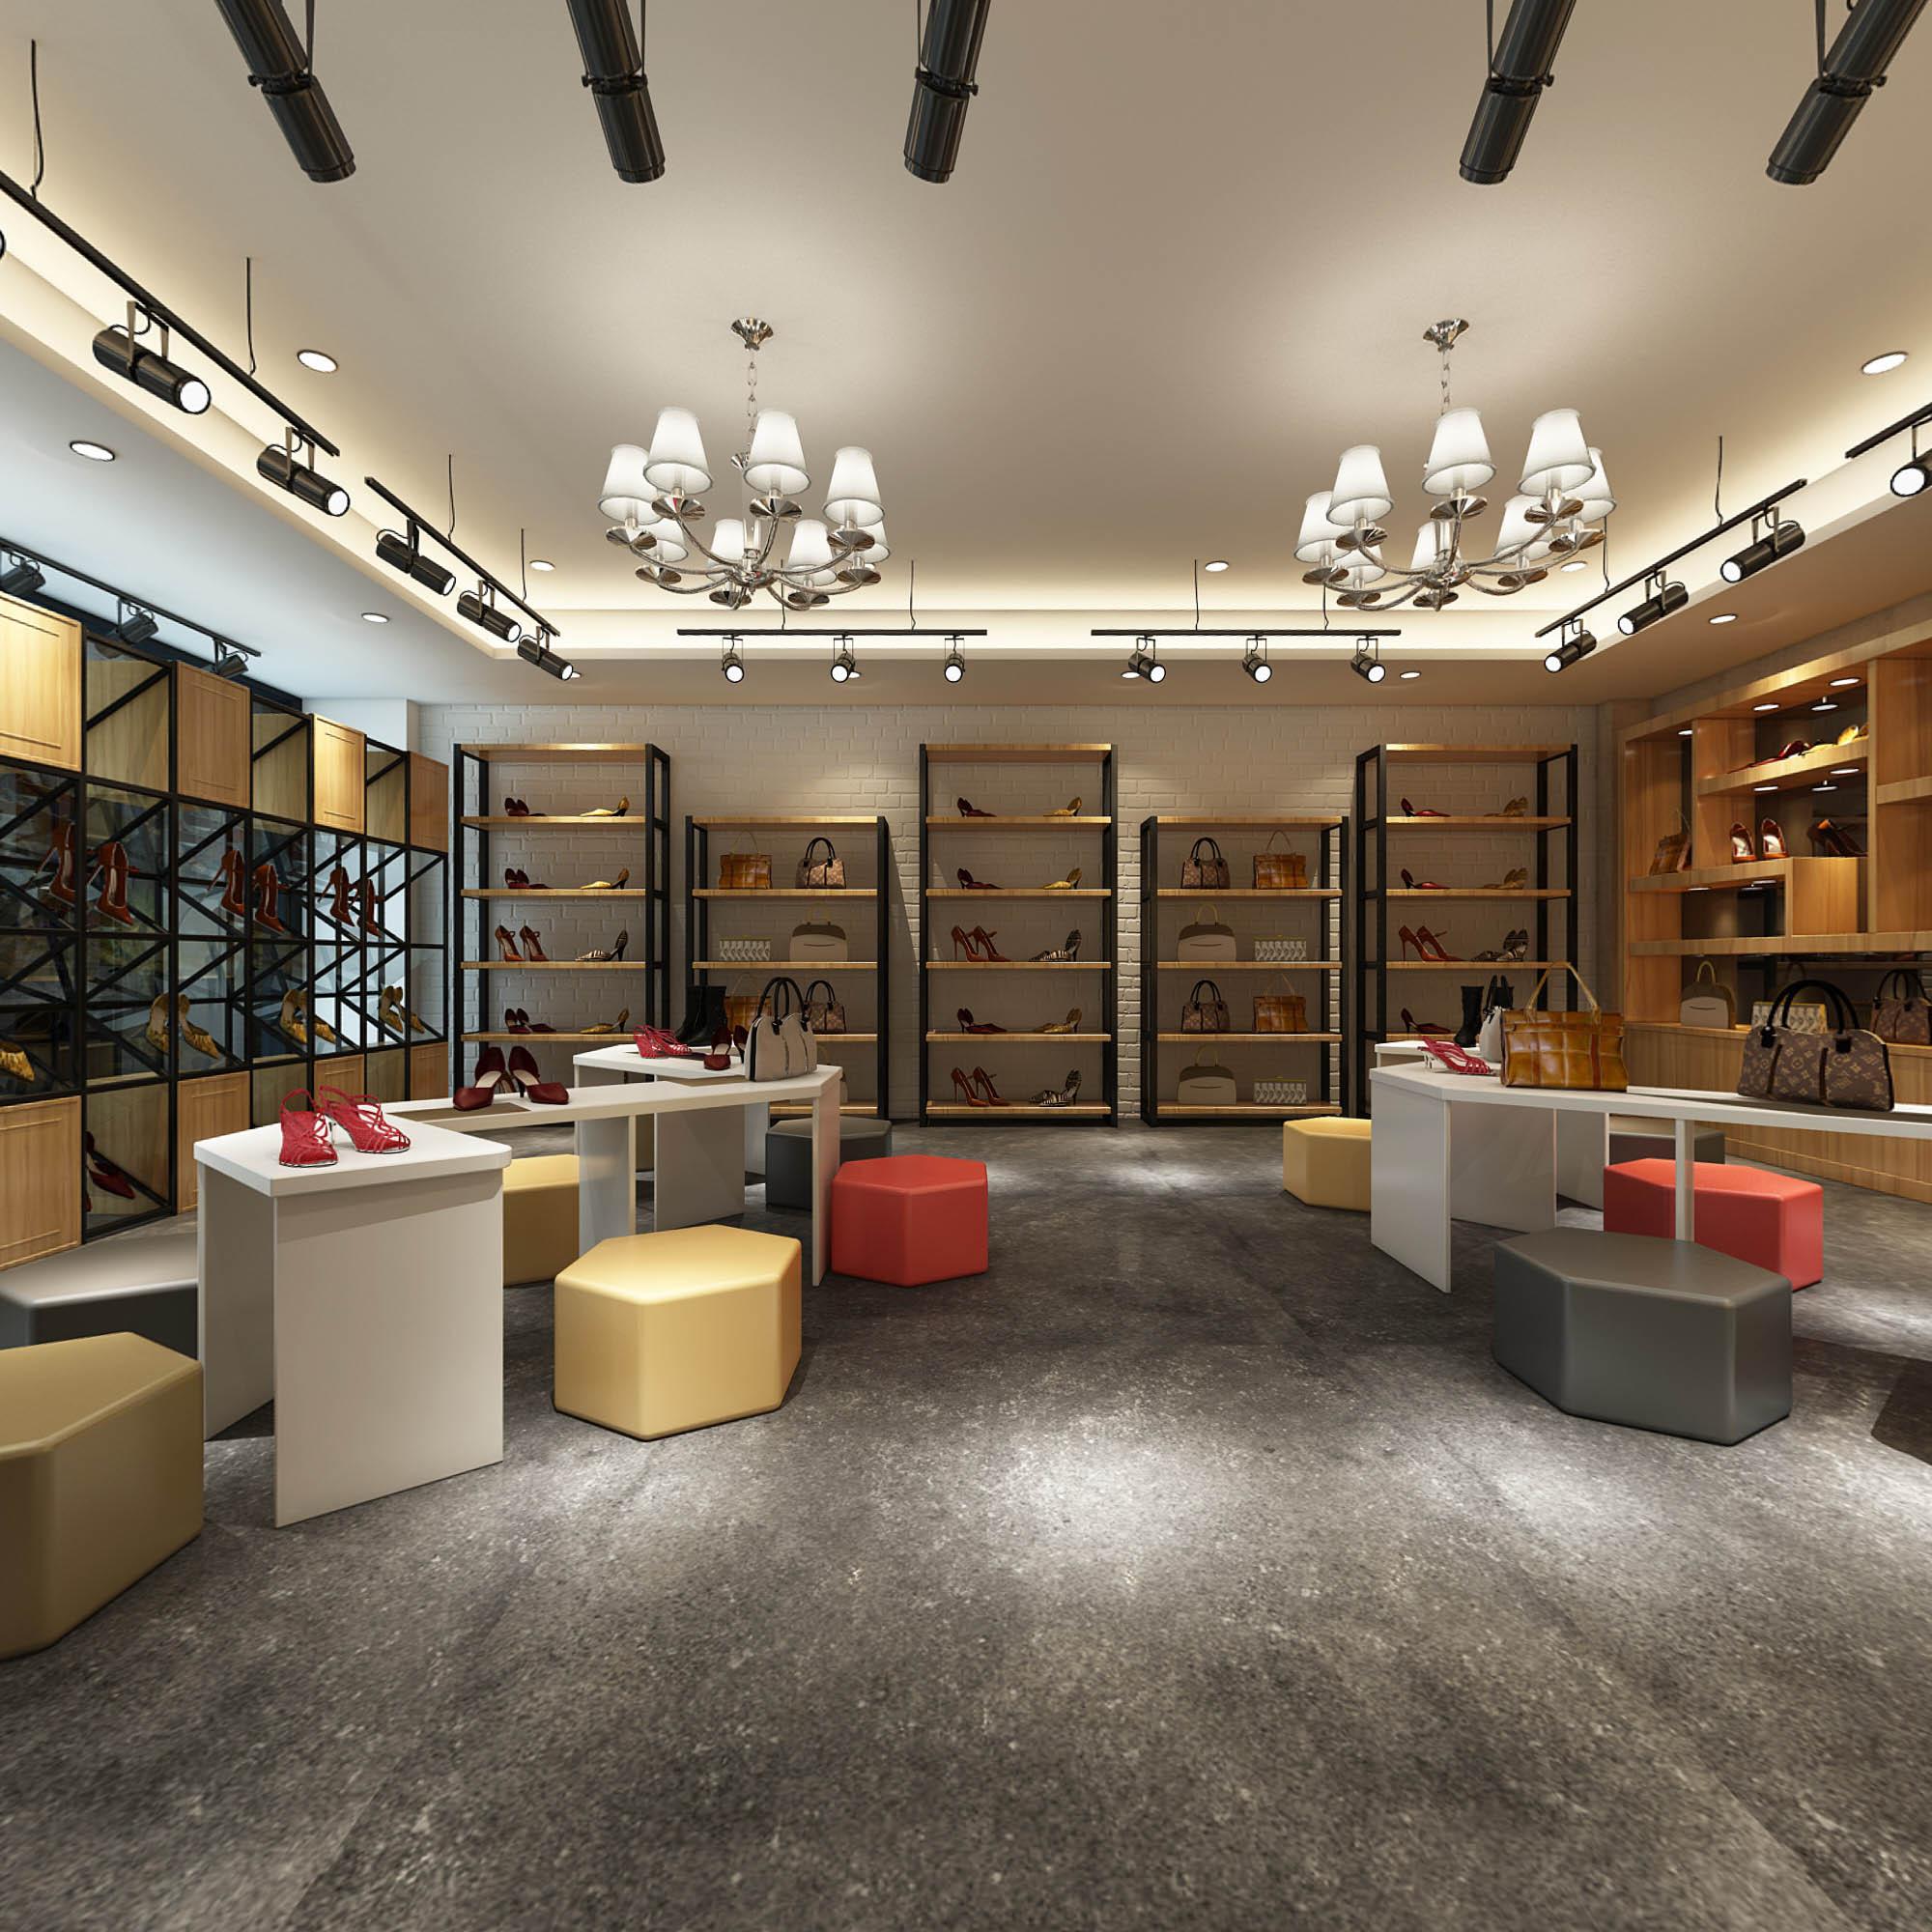 室内设计VR效果图设计室内装修连锁店铺办公室空间设计家装设计